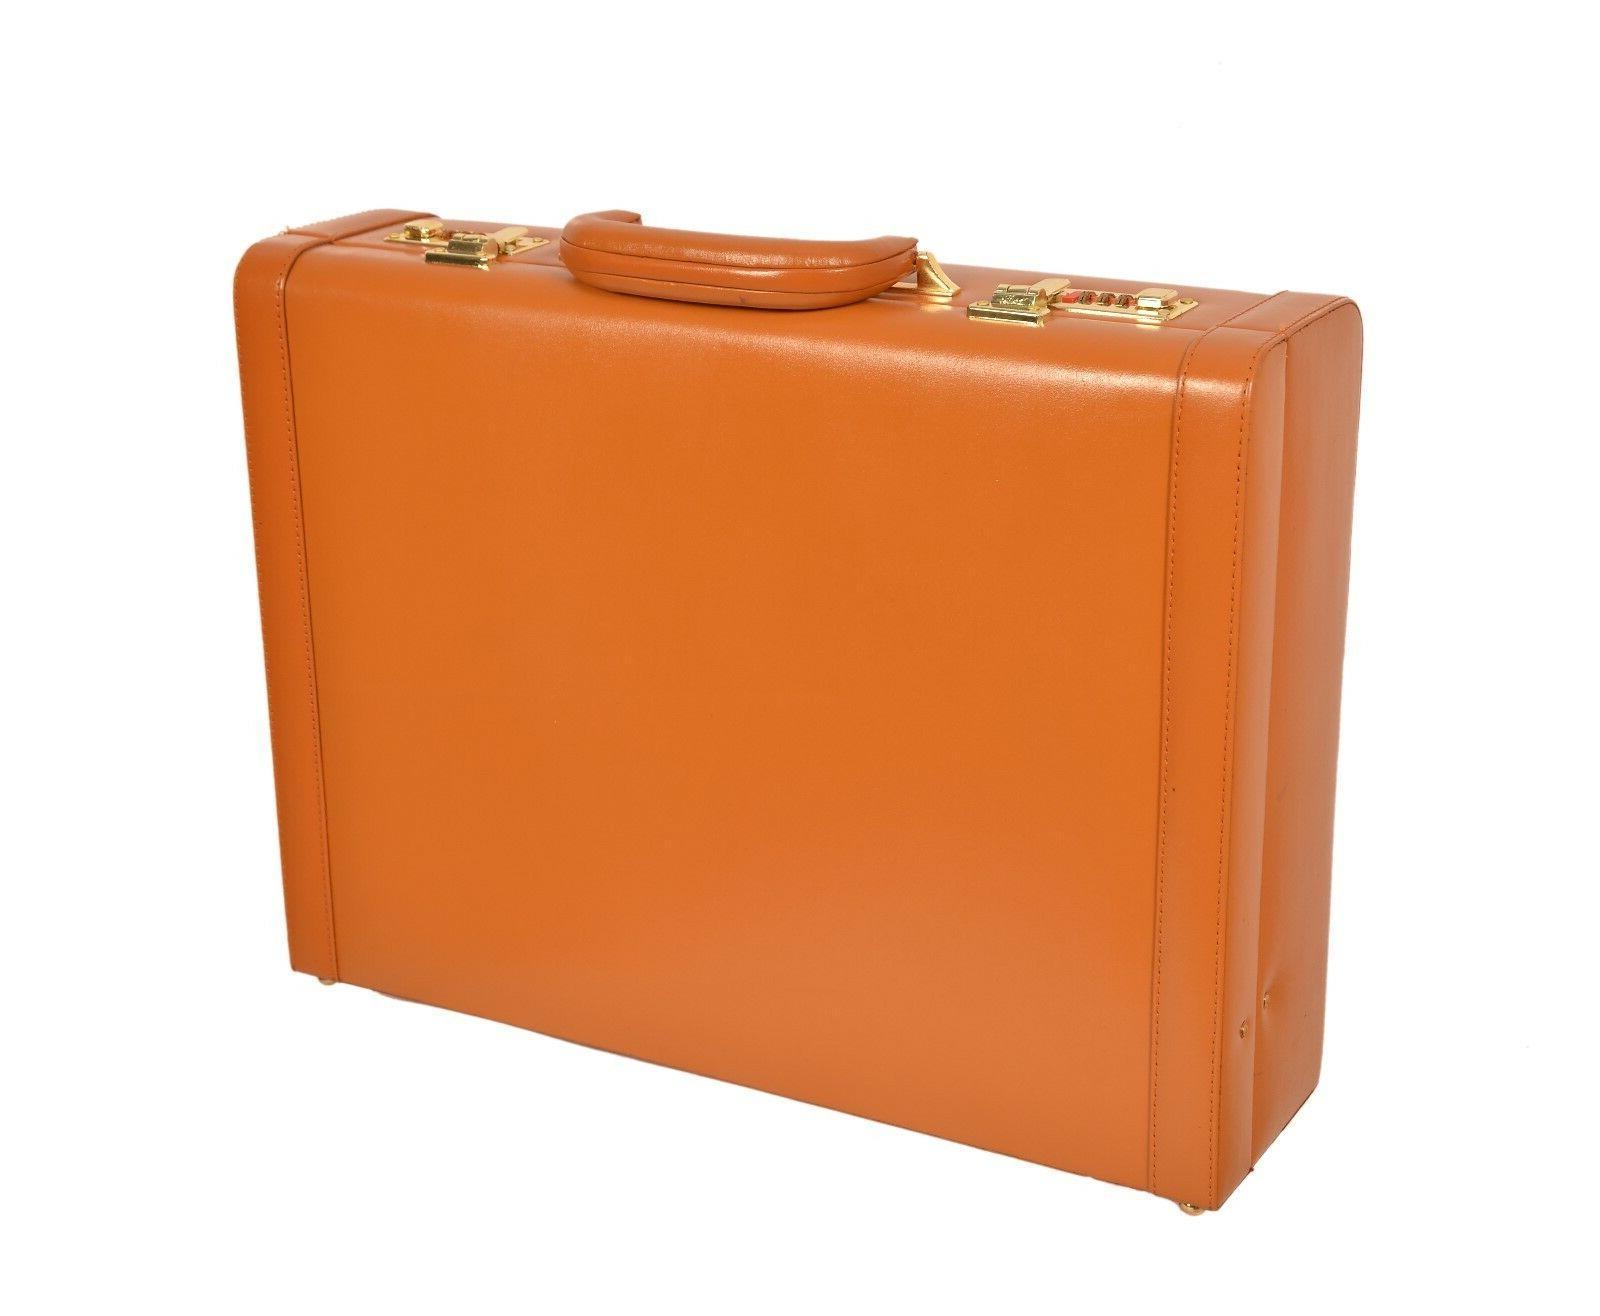 Zint Hard Retro Tan Luggage